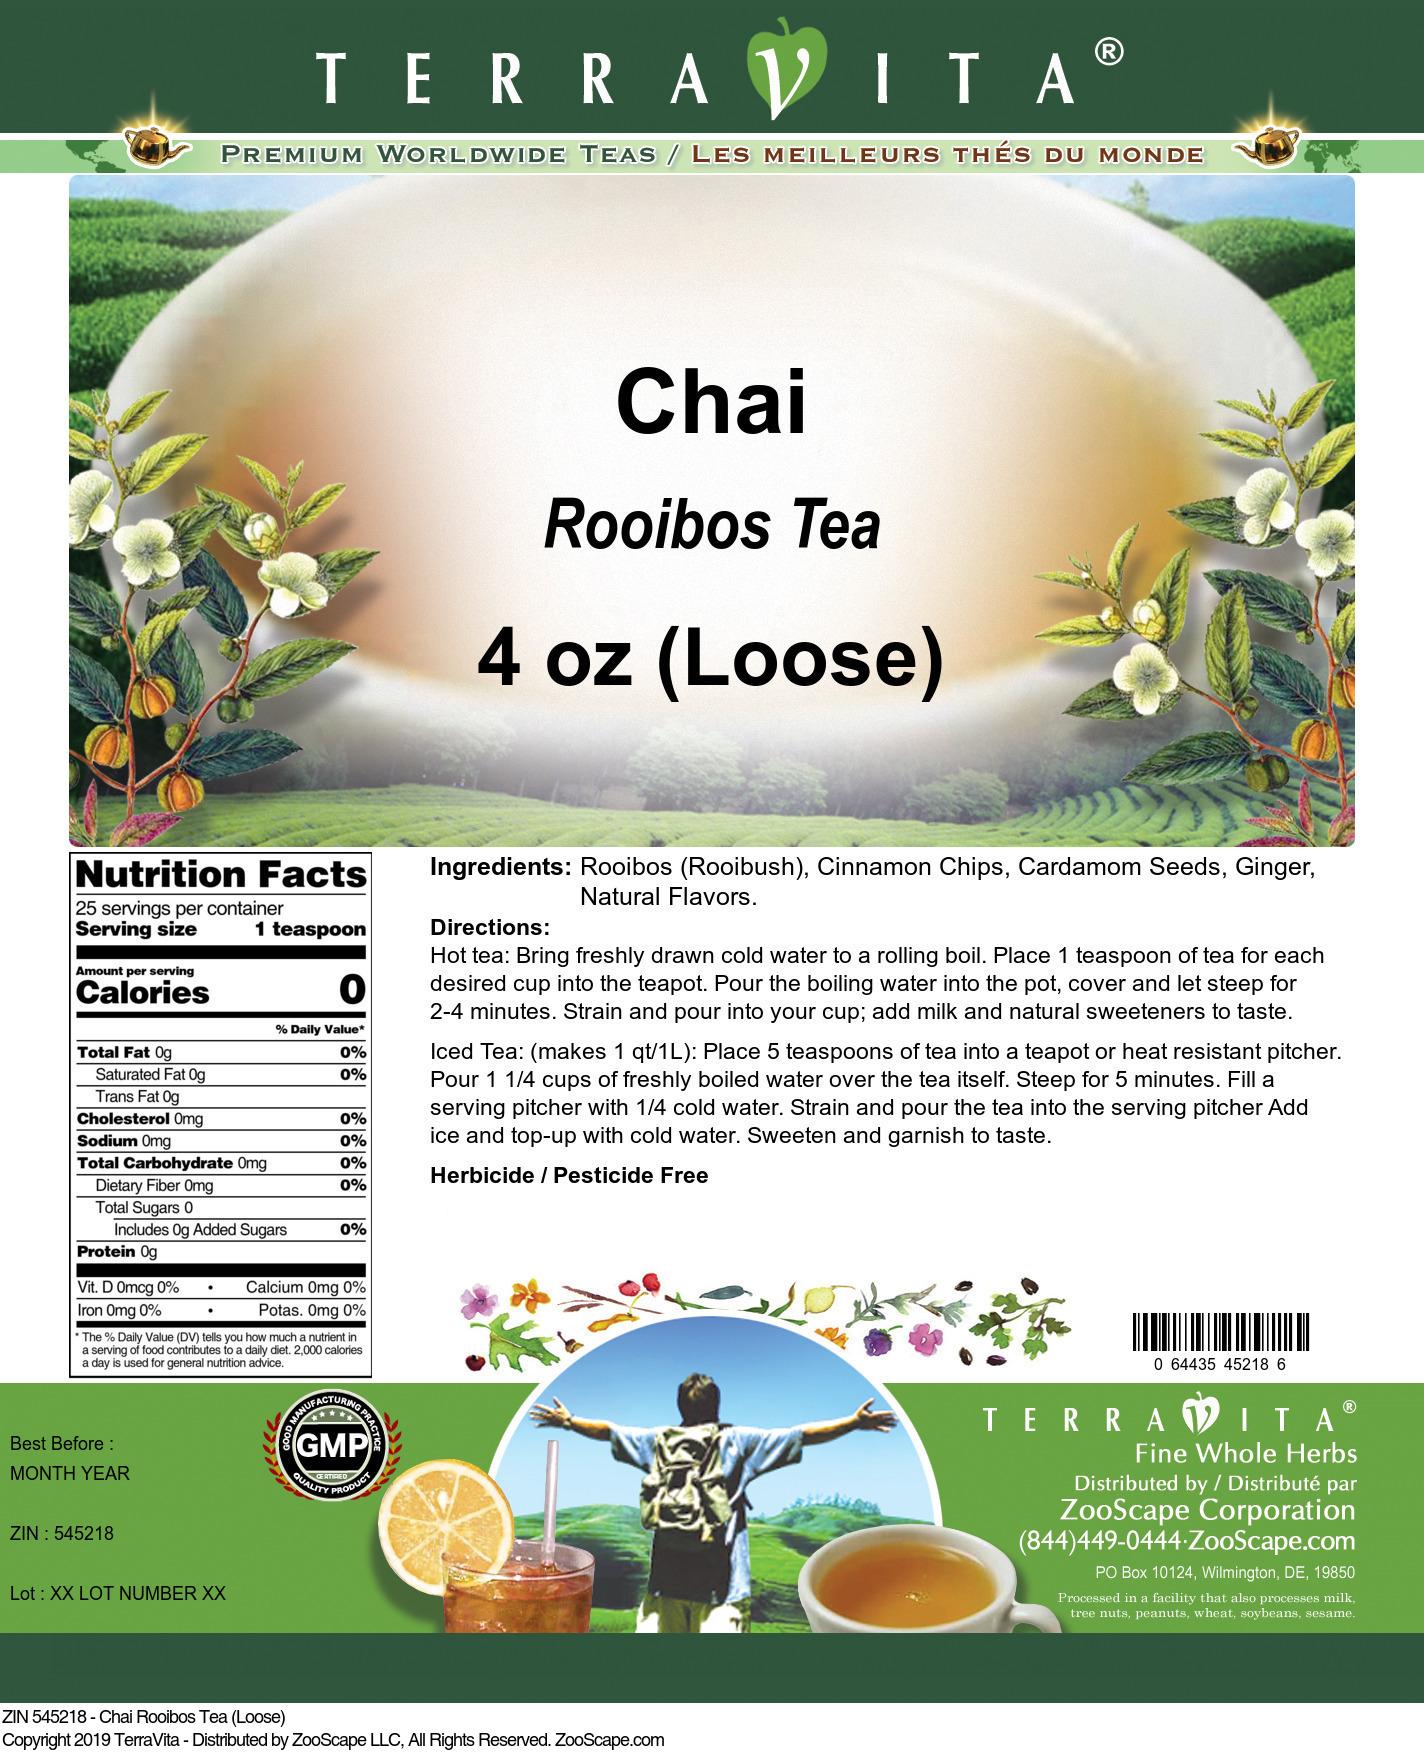 Chai Rooibos Tea